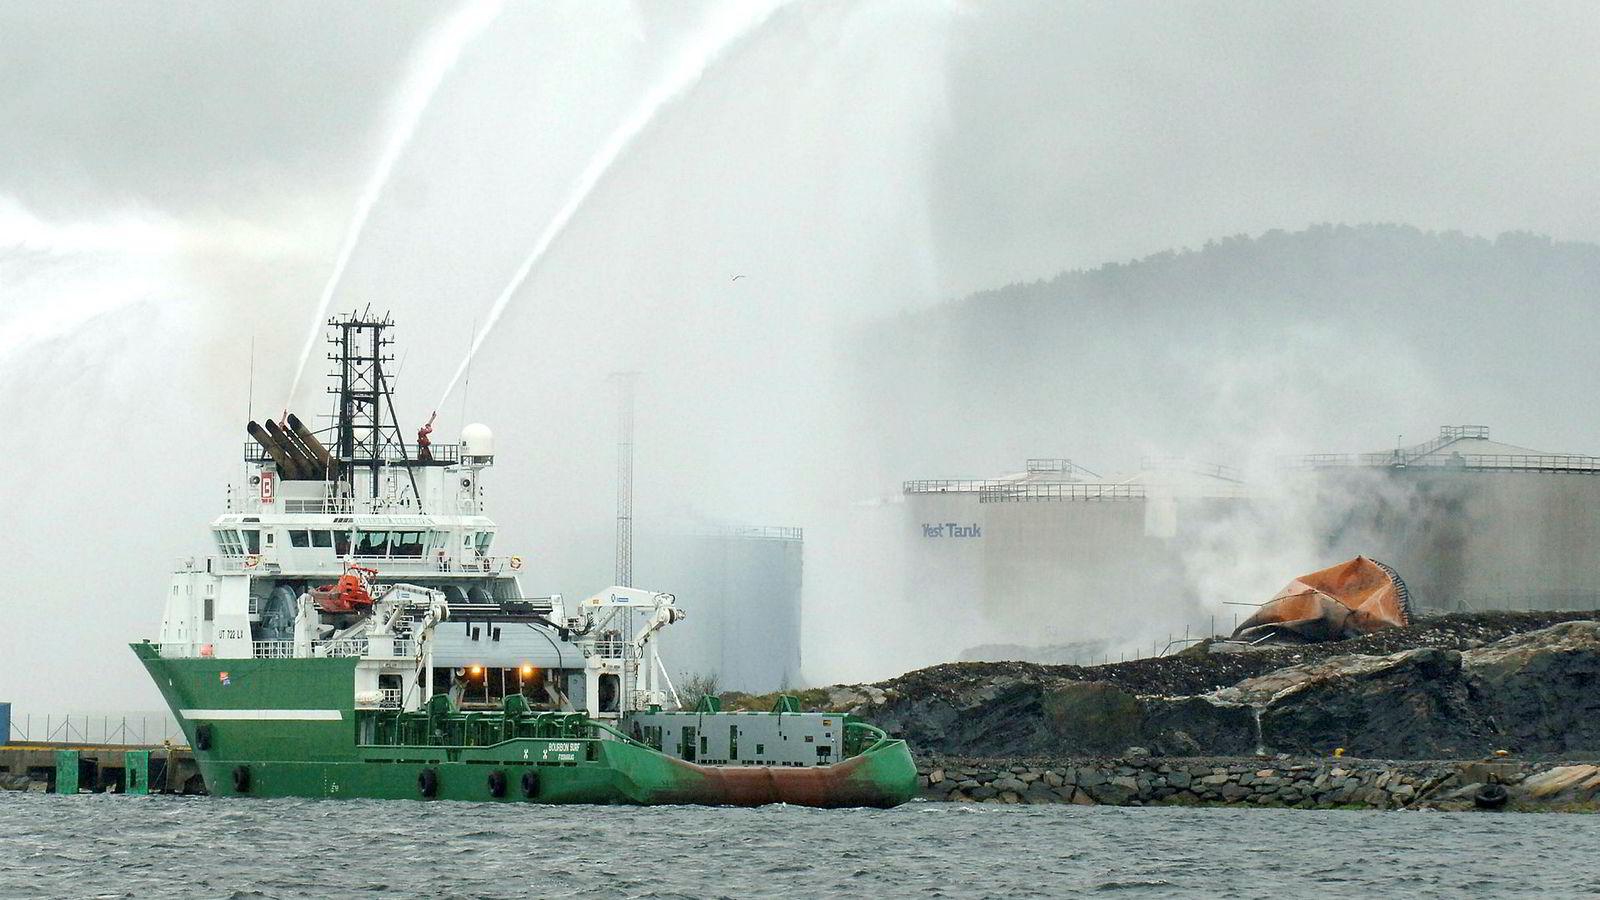 100 personer ble evakuert da en tank eksploderte hos Vest Tank i Sløvåg i Gulen i Sogn og Fjordane i 2007. Eieren ble senere dømt til ubetinget fengsel i to år og fem måneder.